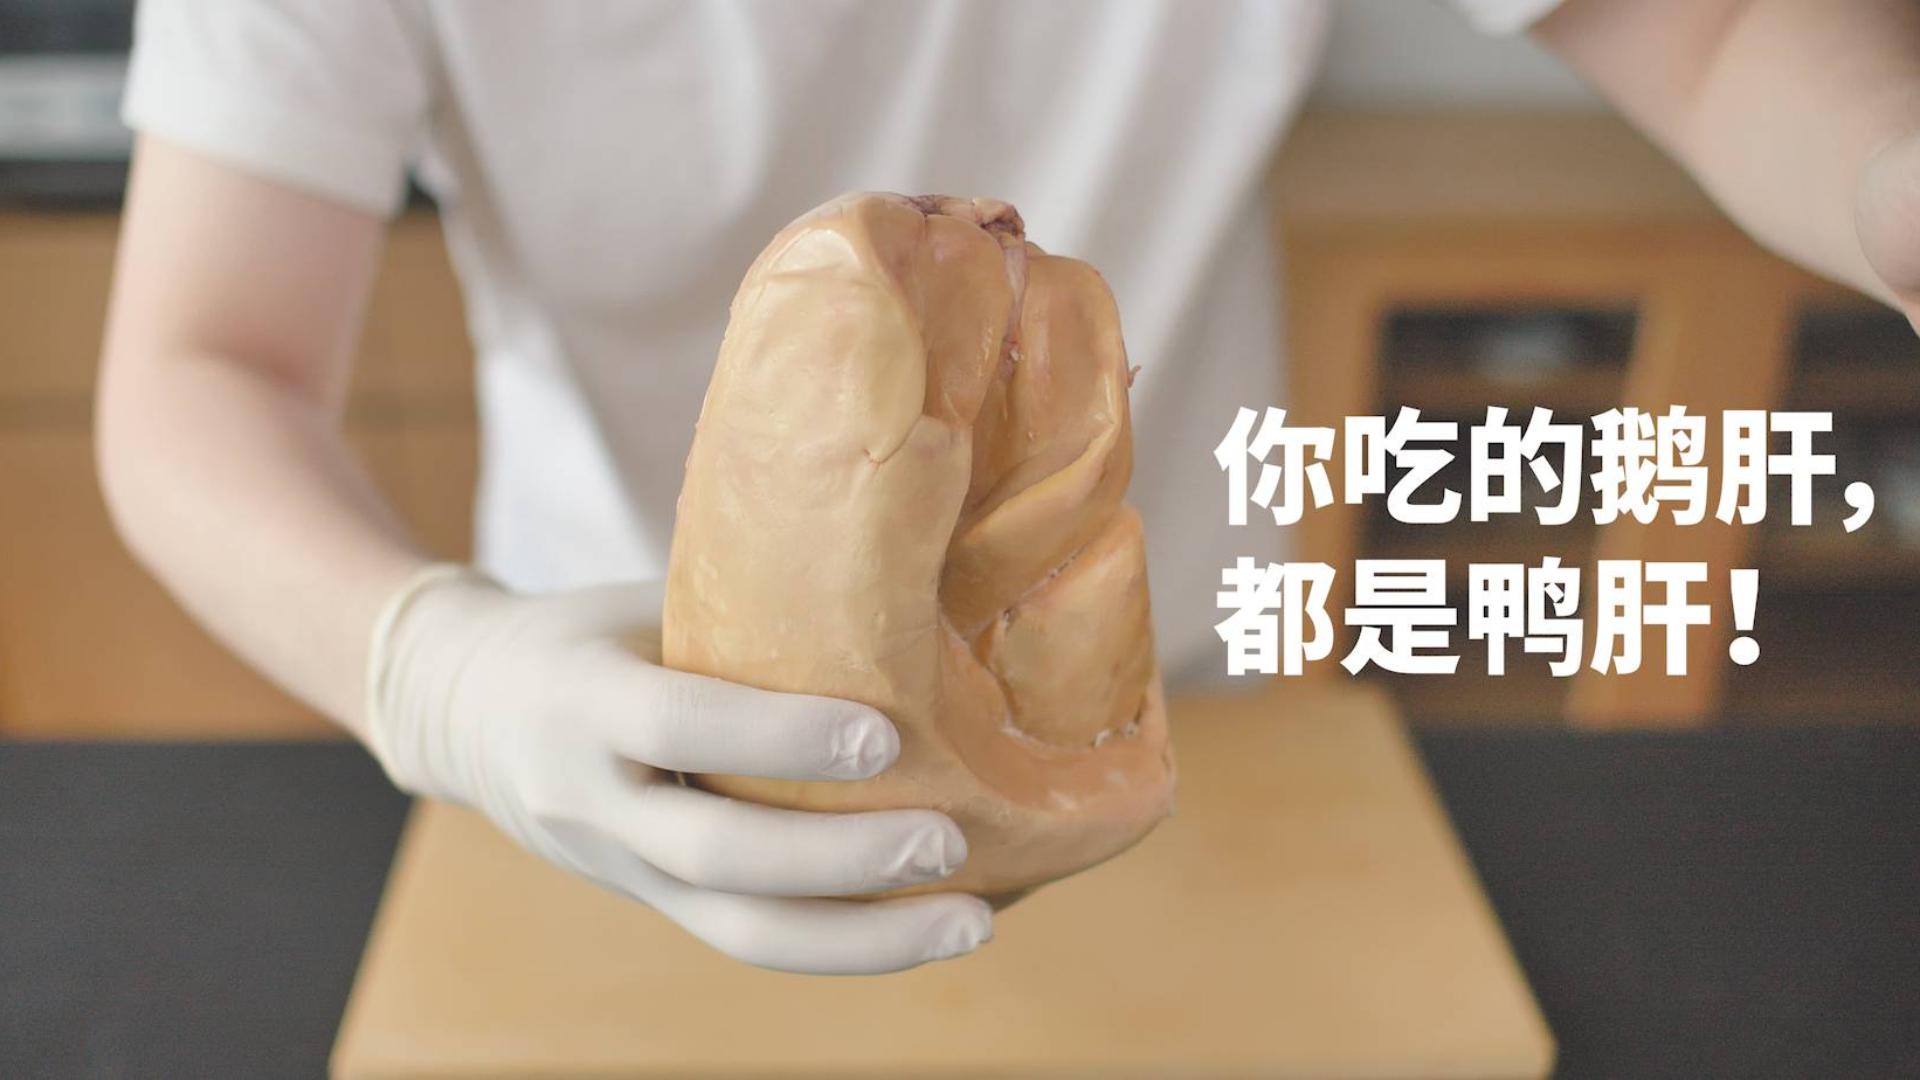 生物课完整肝脏解剖:法国人的腐乳到底好不好吃!